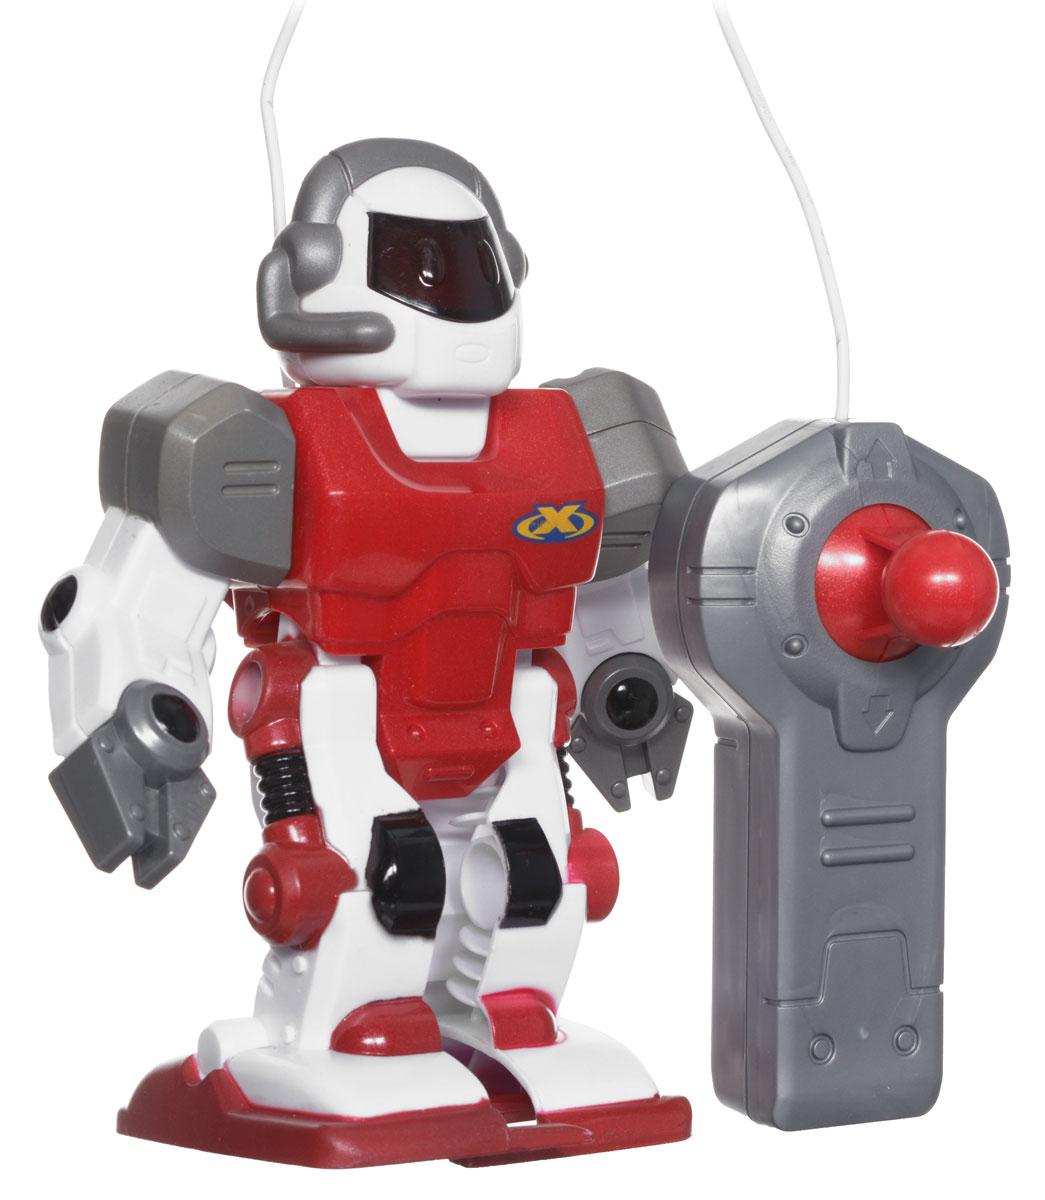 Keenway Робот на дистанционном управлении13402Keenway Игрушка на дистанционном управлении Робот обязательно понравится юным любителям техники. У робота движущиеся руки, ноги и голова, есть подсветка глаз. К игрушке прилагается удобный детский пульт, с помощью которого можно задавать направление движения умного робота. Он с удовольствием будет выполнять команды вашего крохи, двигаясь то вперед, то назад. Материал, из которого изготовлена игрушка от Keenway, абсолютно безопасен для ребенка, не содержит вредных химических соединений. Рекомендуется докупить 2 батарейки напряжением 1,5V АА (товар комплектуется демонстрационными).